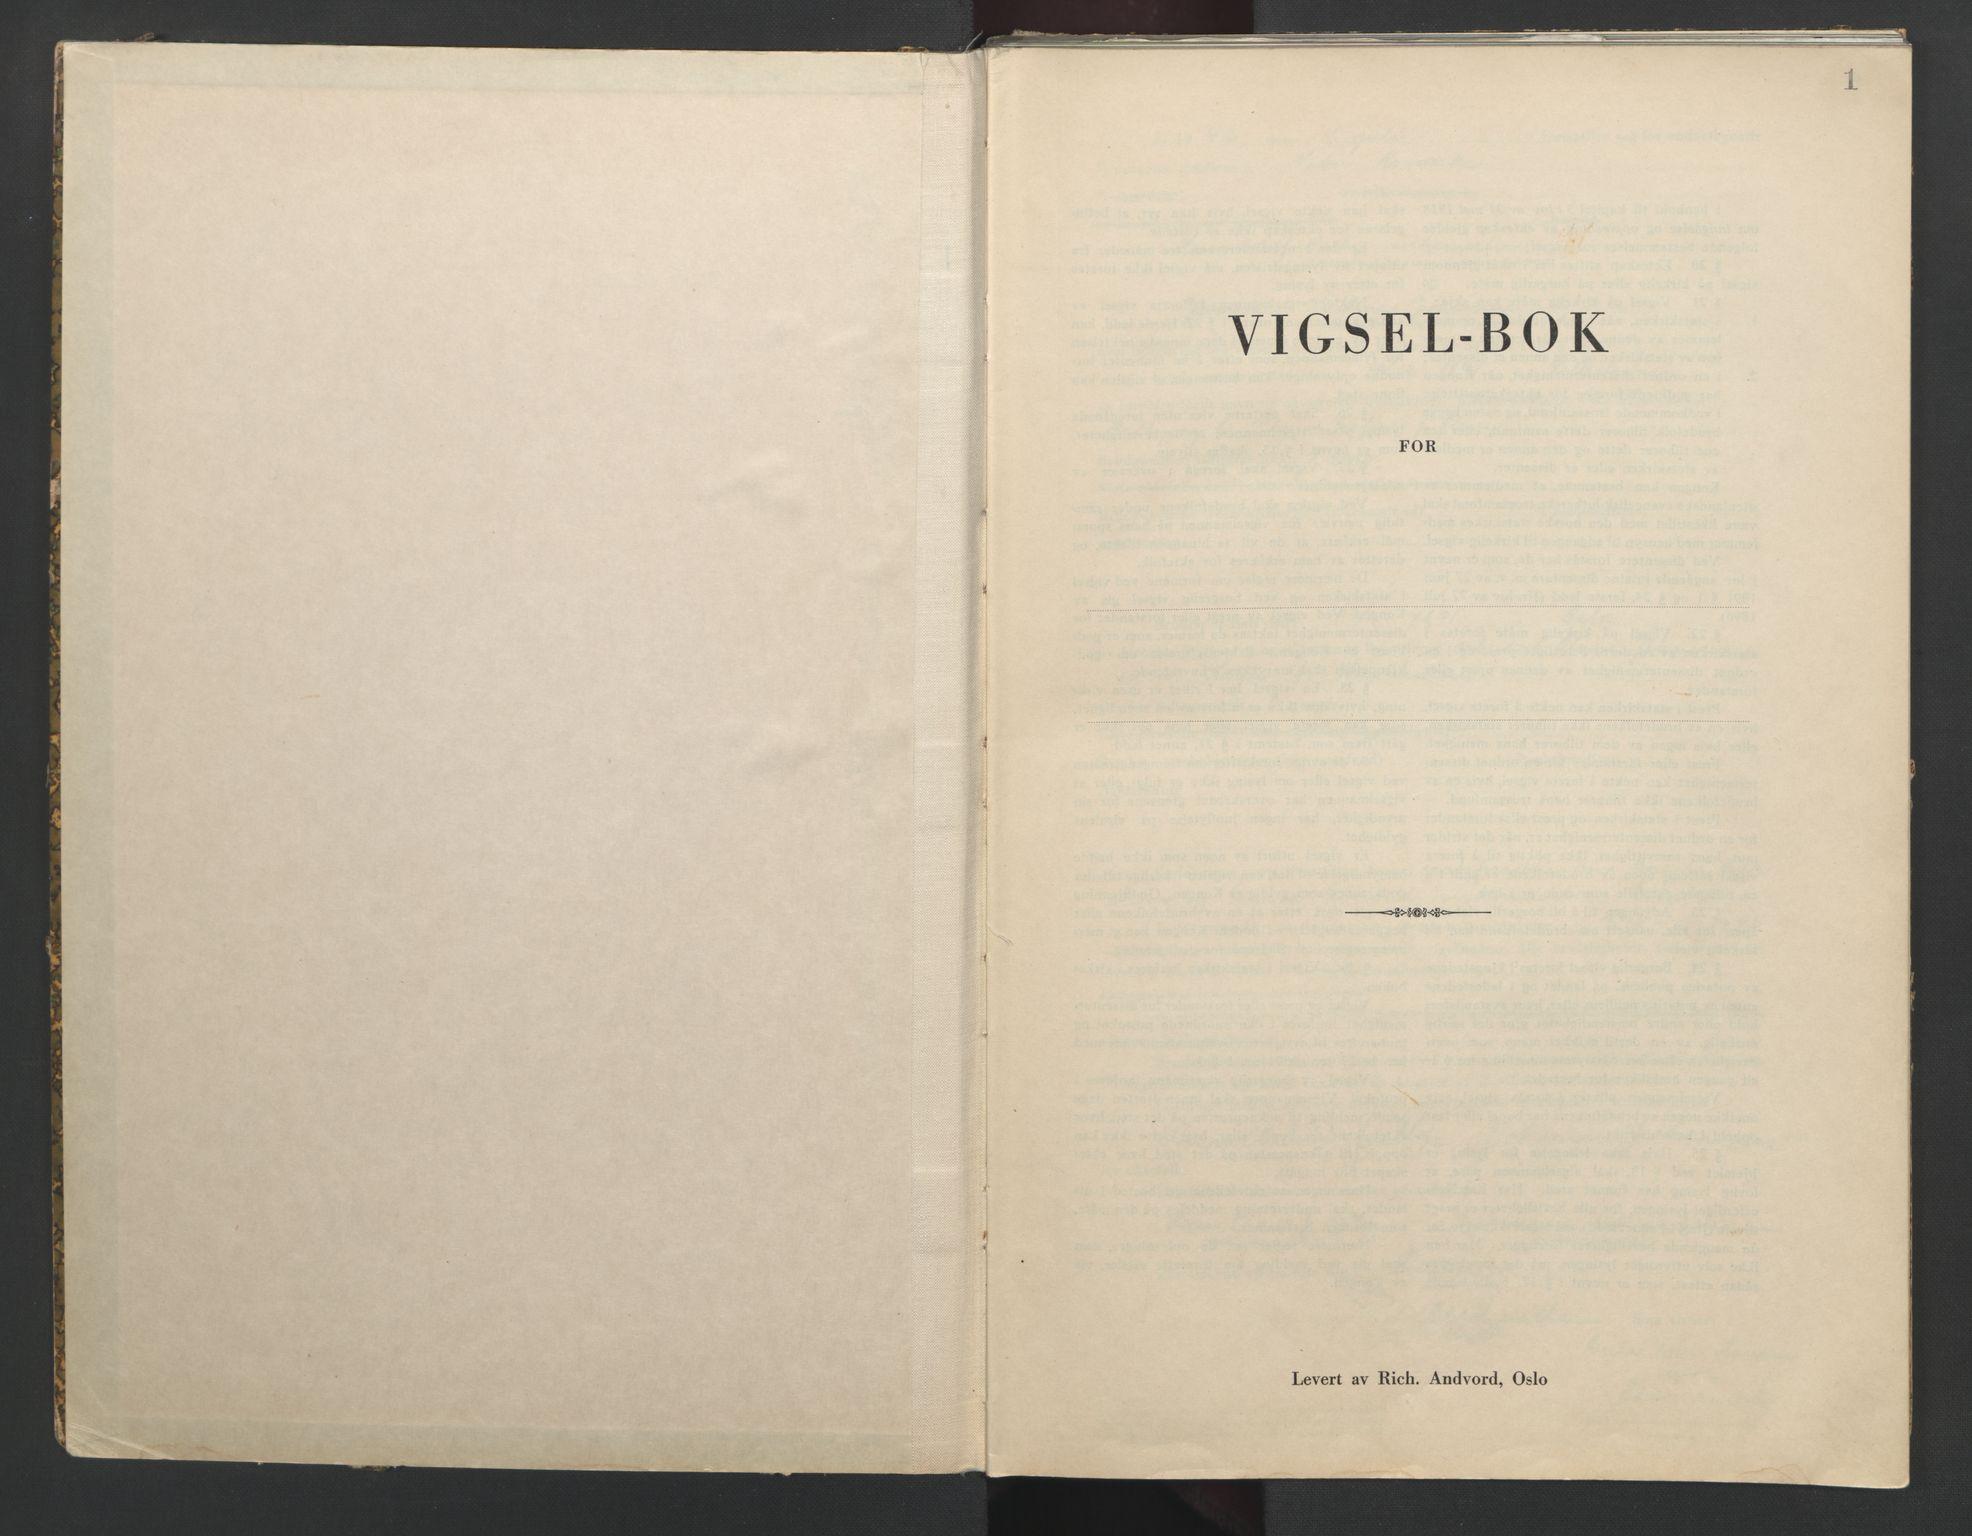 SAO, Nedre Romerike sorenskriveri, L/Lb/L0003: Vigselsbok - borgerlige vielser, 1942-1943, s. 1